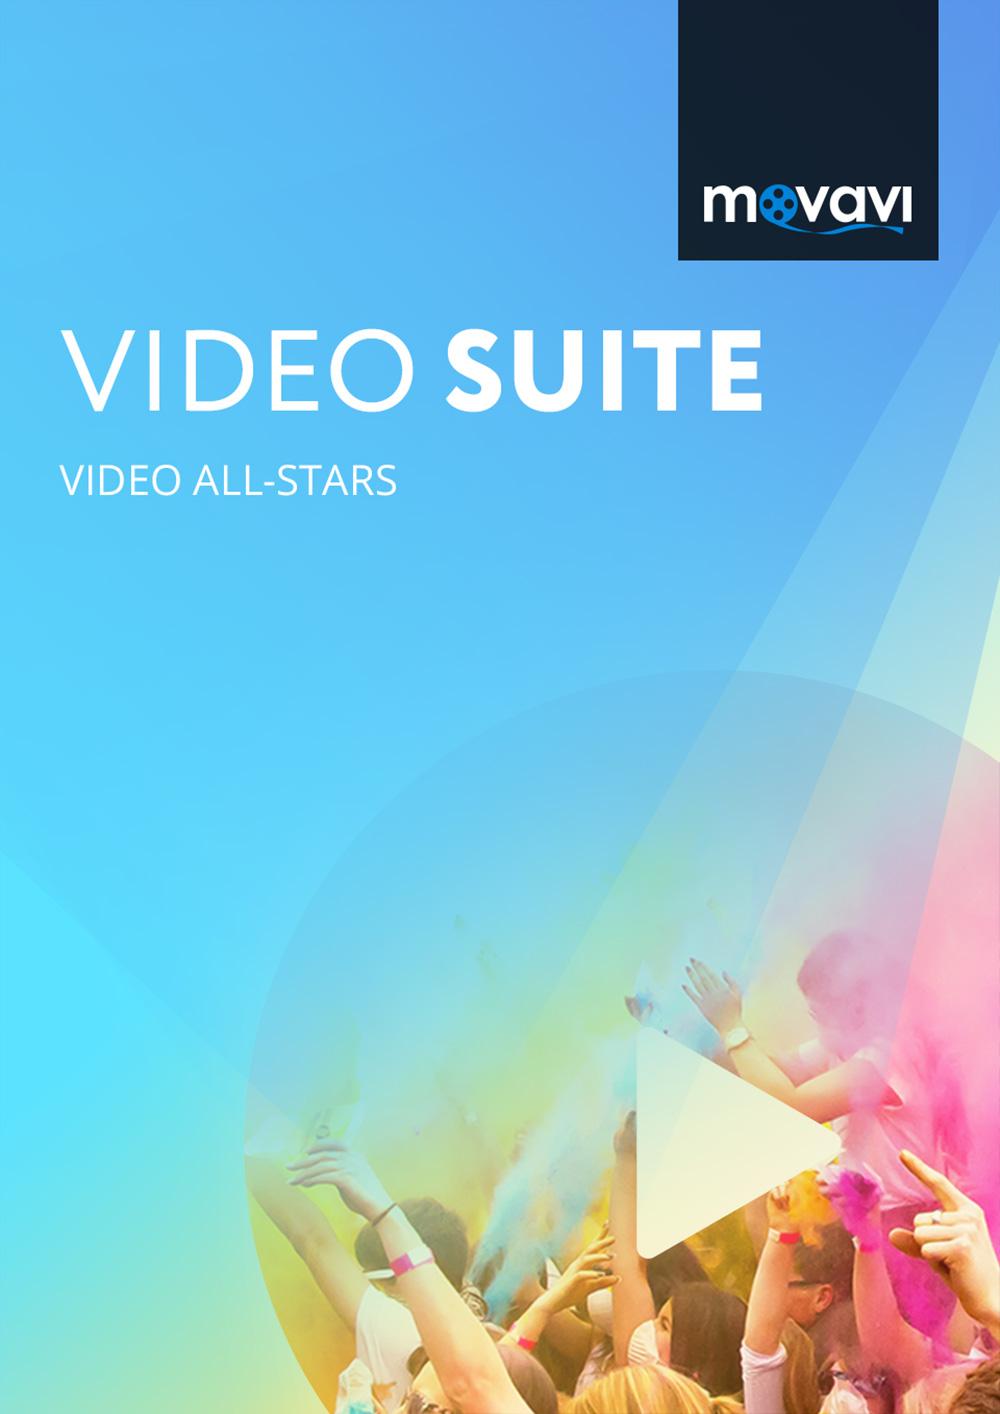 Movavi Video Suite 17 Personnelle